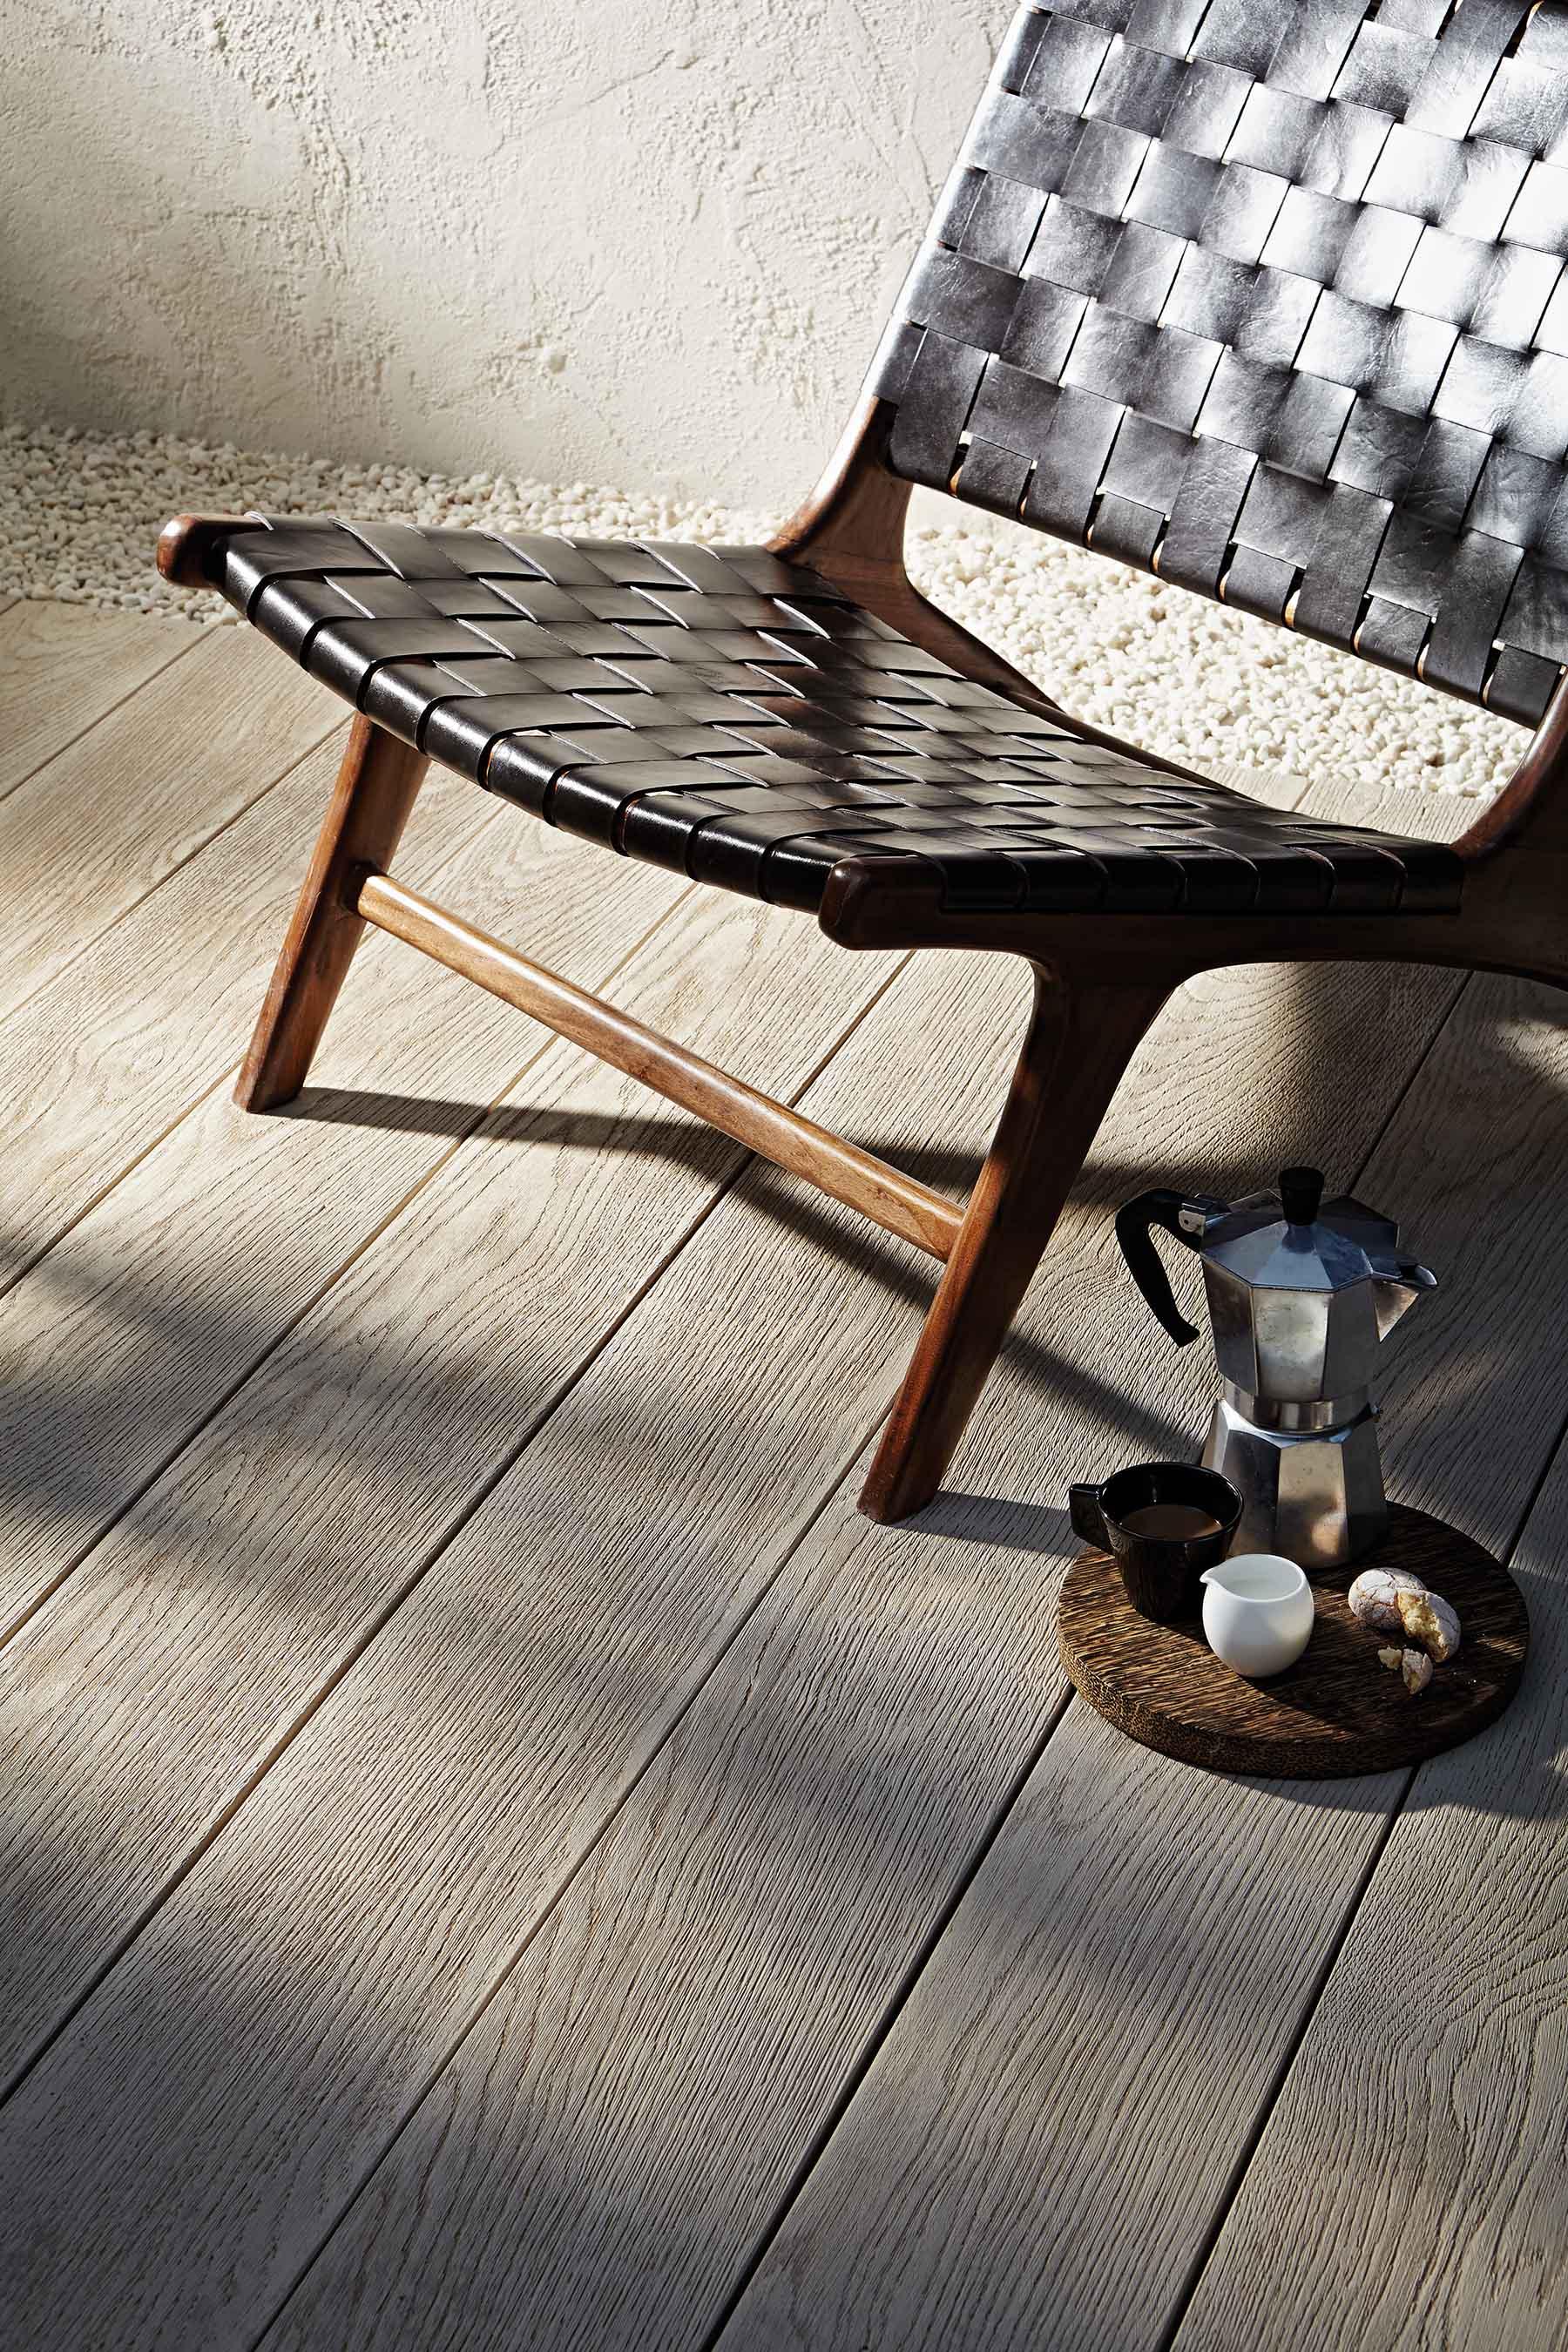 """""""La nouvelle terrasse durable et facile d'entretien"""" """"Het nieuwe, duurzame engemakkelijk te onderhouden terras""""""""The new durable and easy care decking"""" -"""